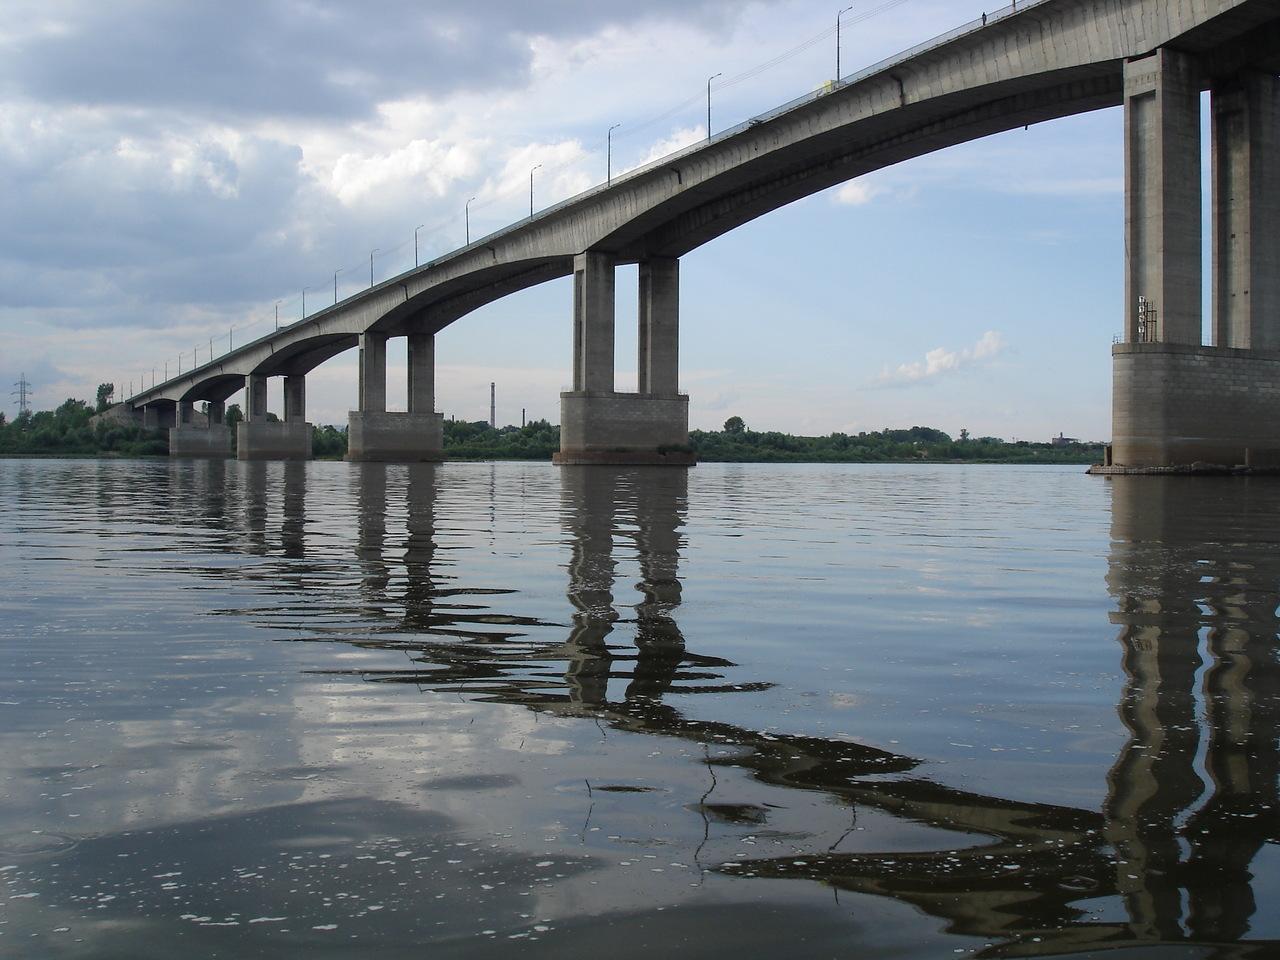 фото под Мызинским мостом в Нижнем Новгороде